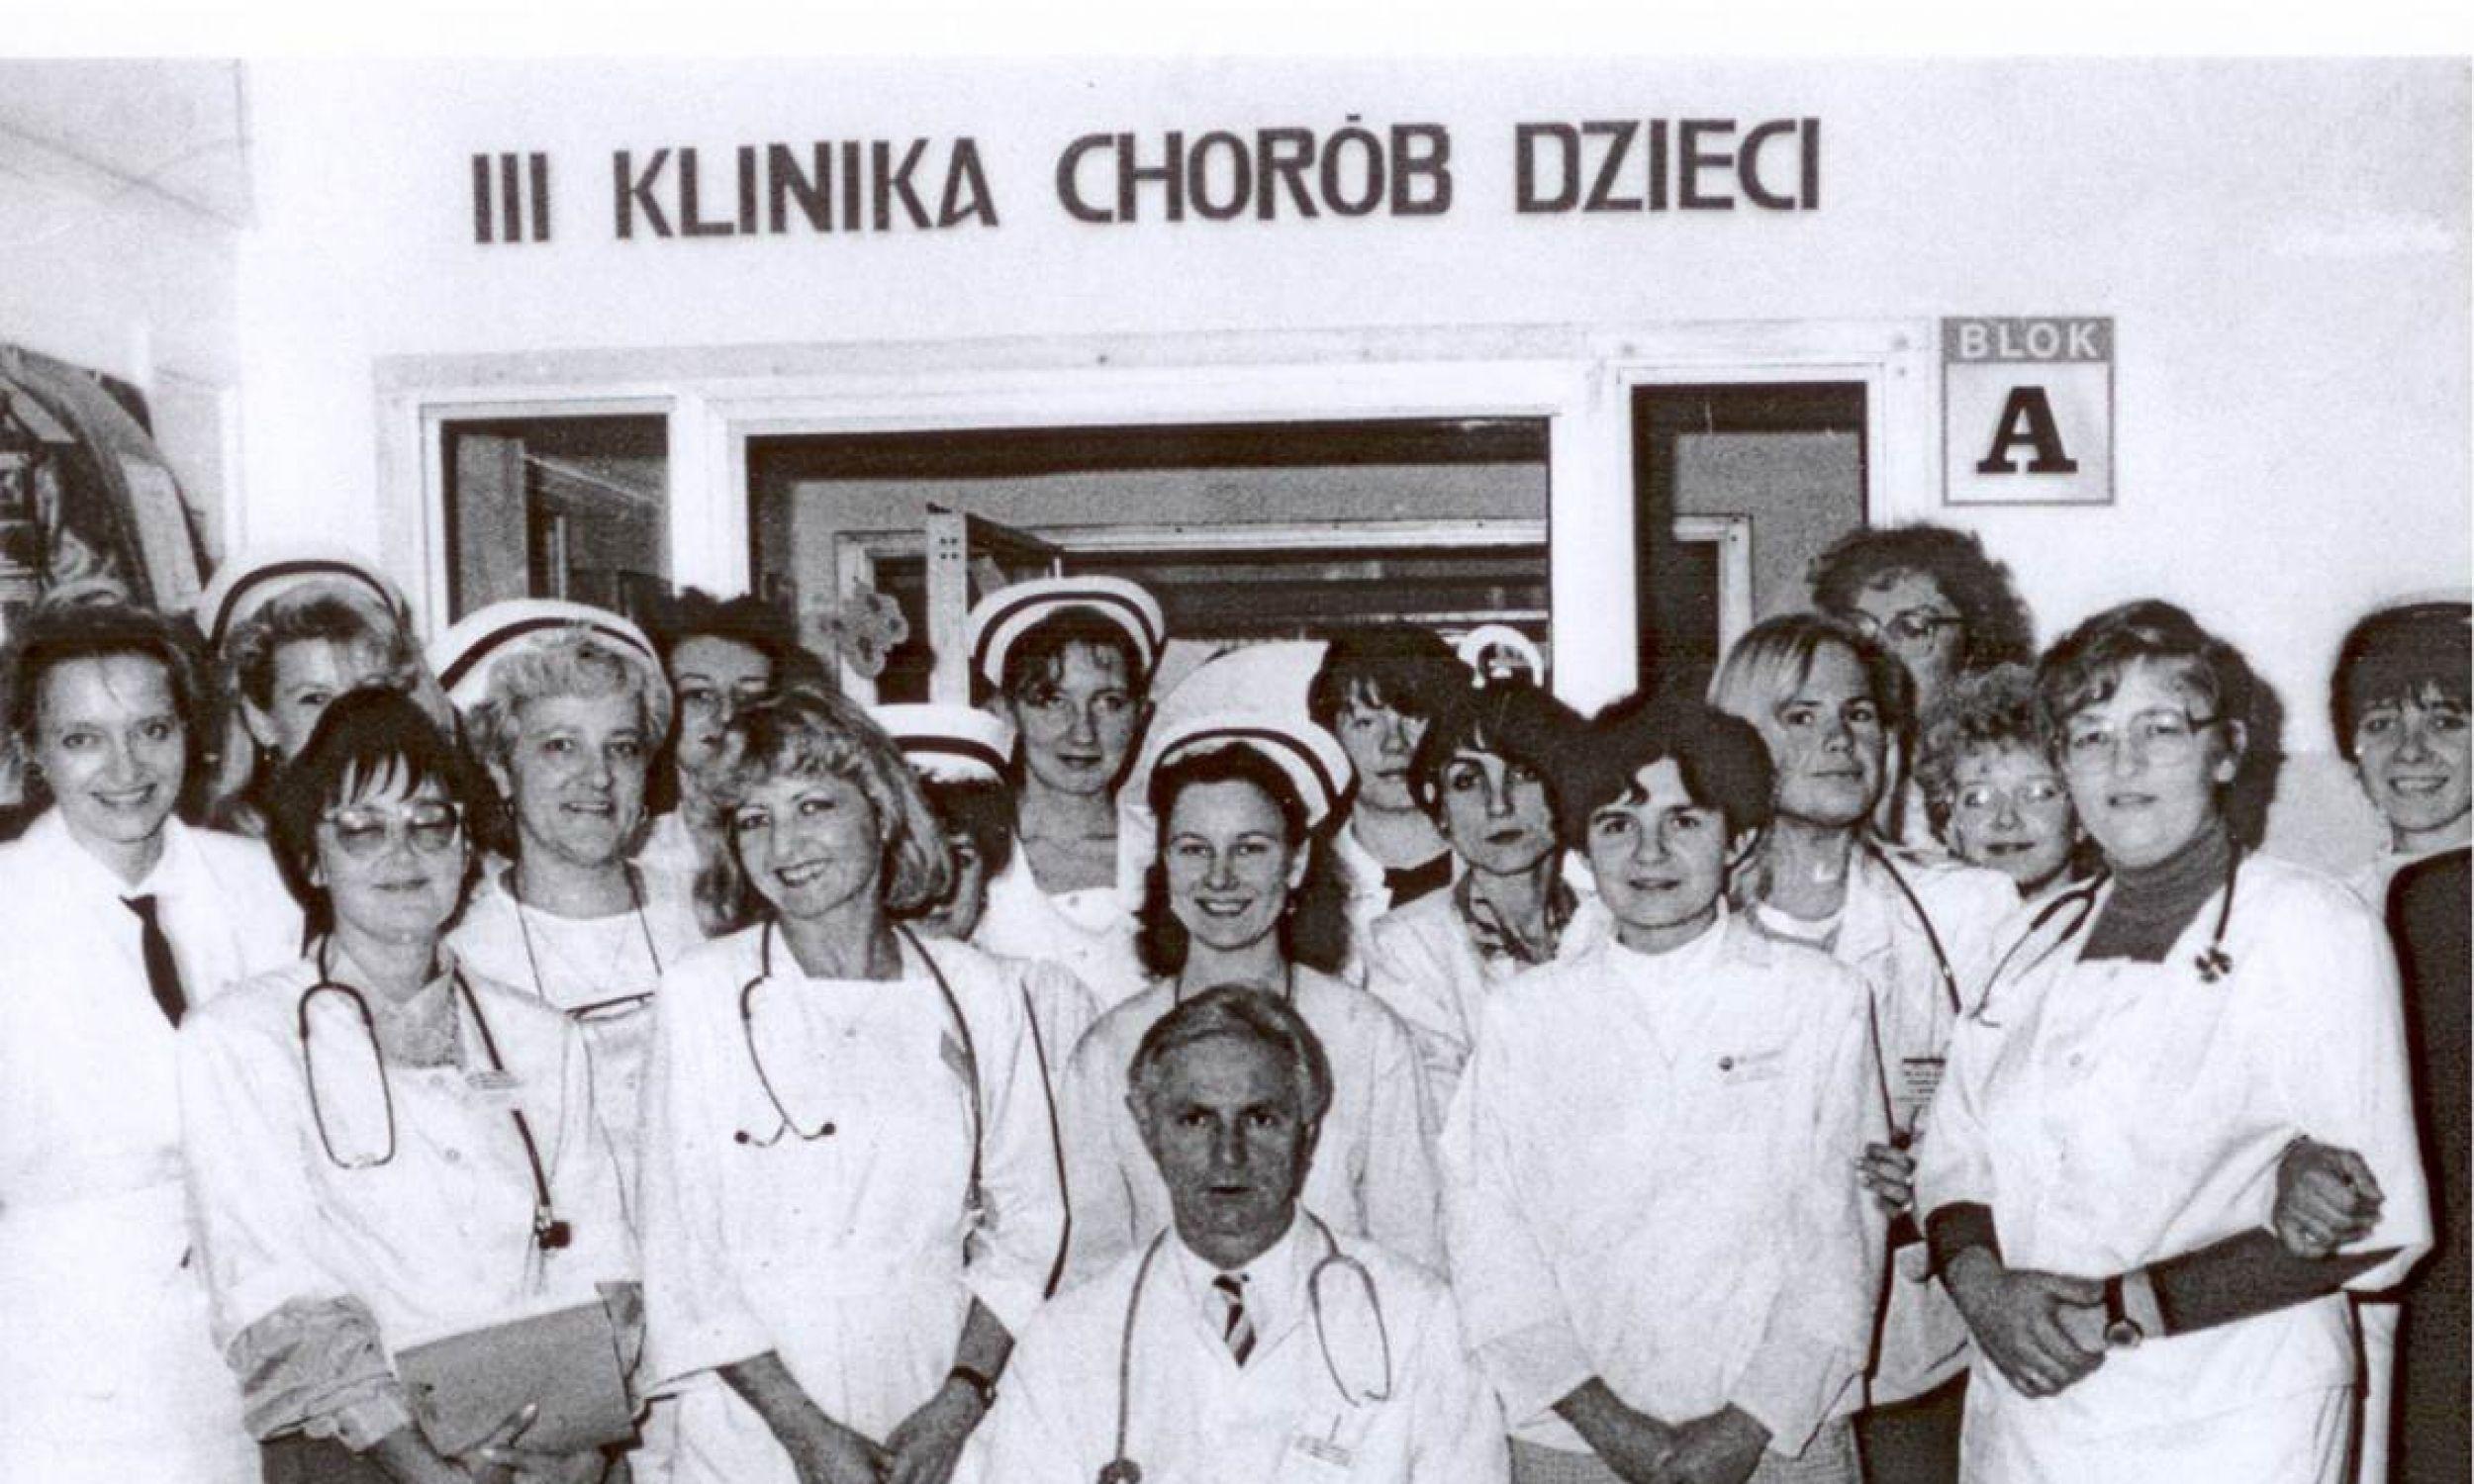 Zespół pracowników III Kliniki Chorób Dzieci UM w Białymstoku (późniejszej Kliniki Pediatrii, Gastroenterologii Dziecięcej i Alergologii) w pierwszym roku pracy w Uniwersyteckim Dziecięcym Szpitalu Klinicznym (1992). Fot. archiwum MK